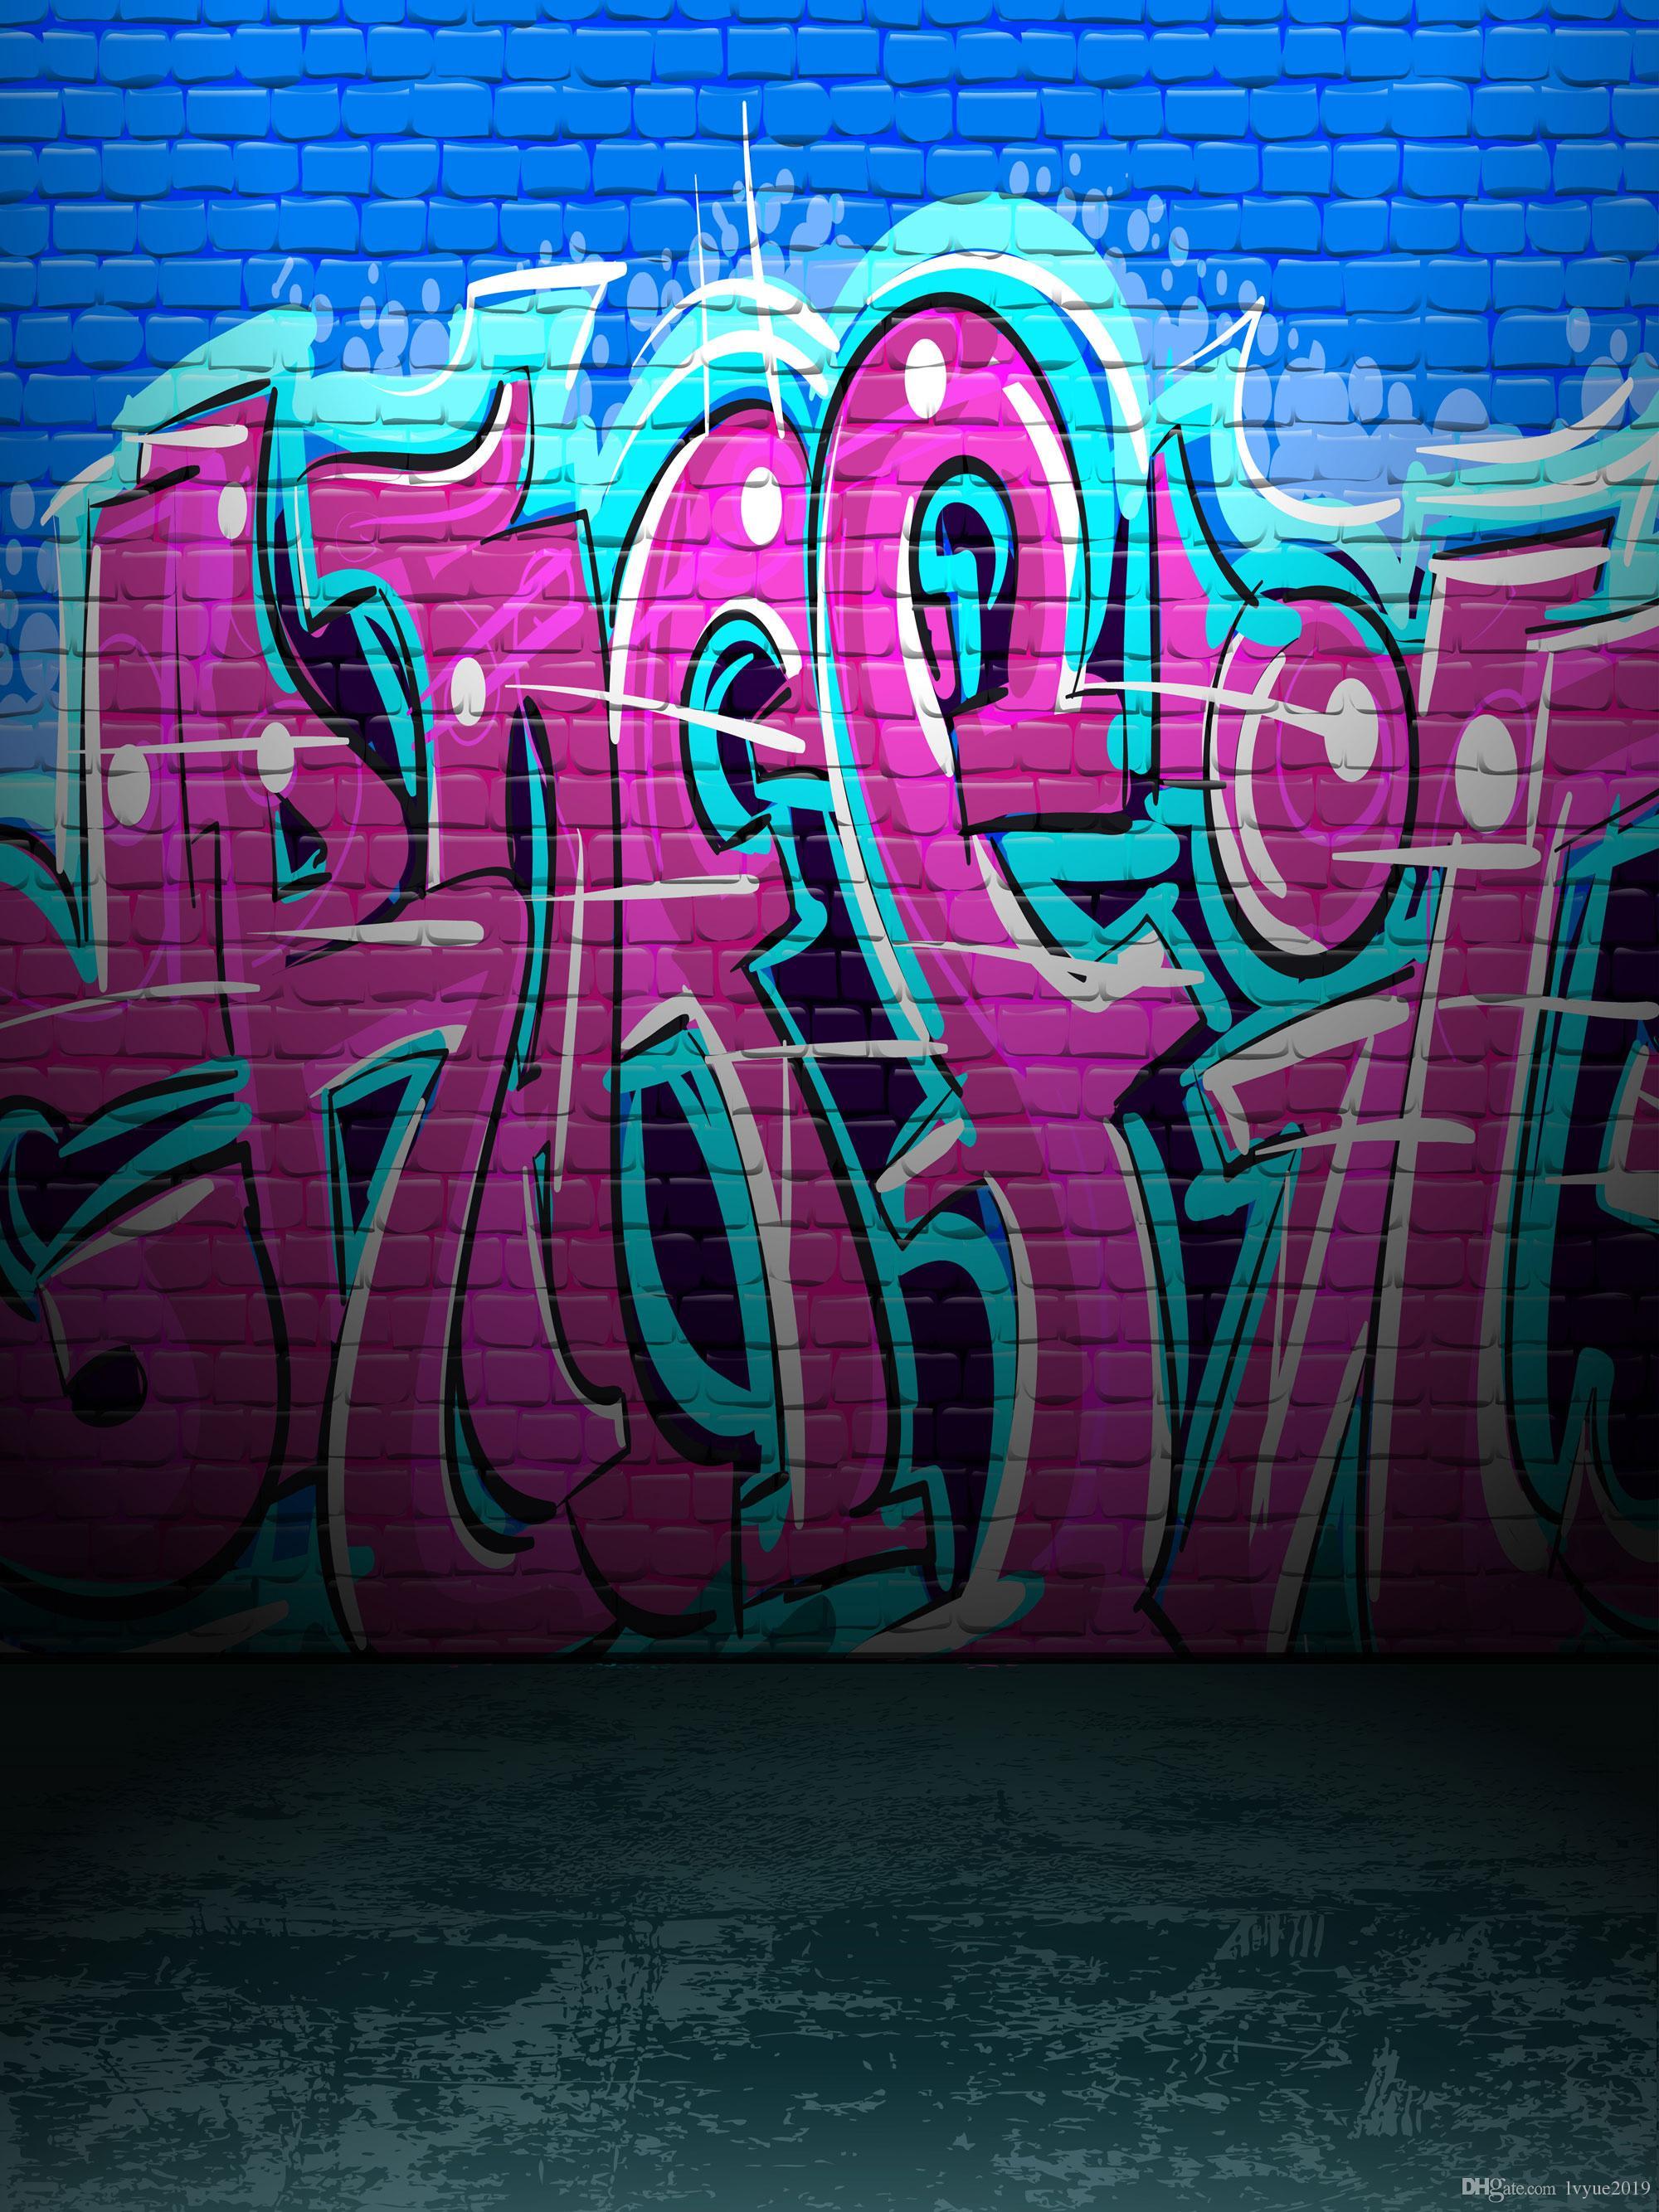 Graffiti azul e cor-de-rosa parede de tijolo Fotografia em Vinil Cenários Fotográficos sem costura fundos de cabines fotográficas para Crianças Adereços de festas de Aniversário